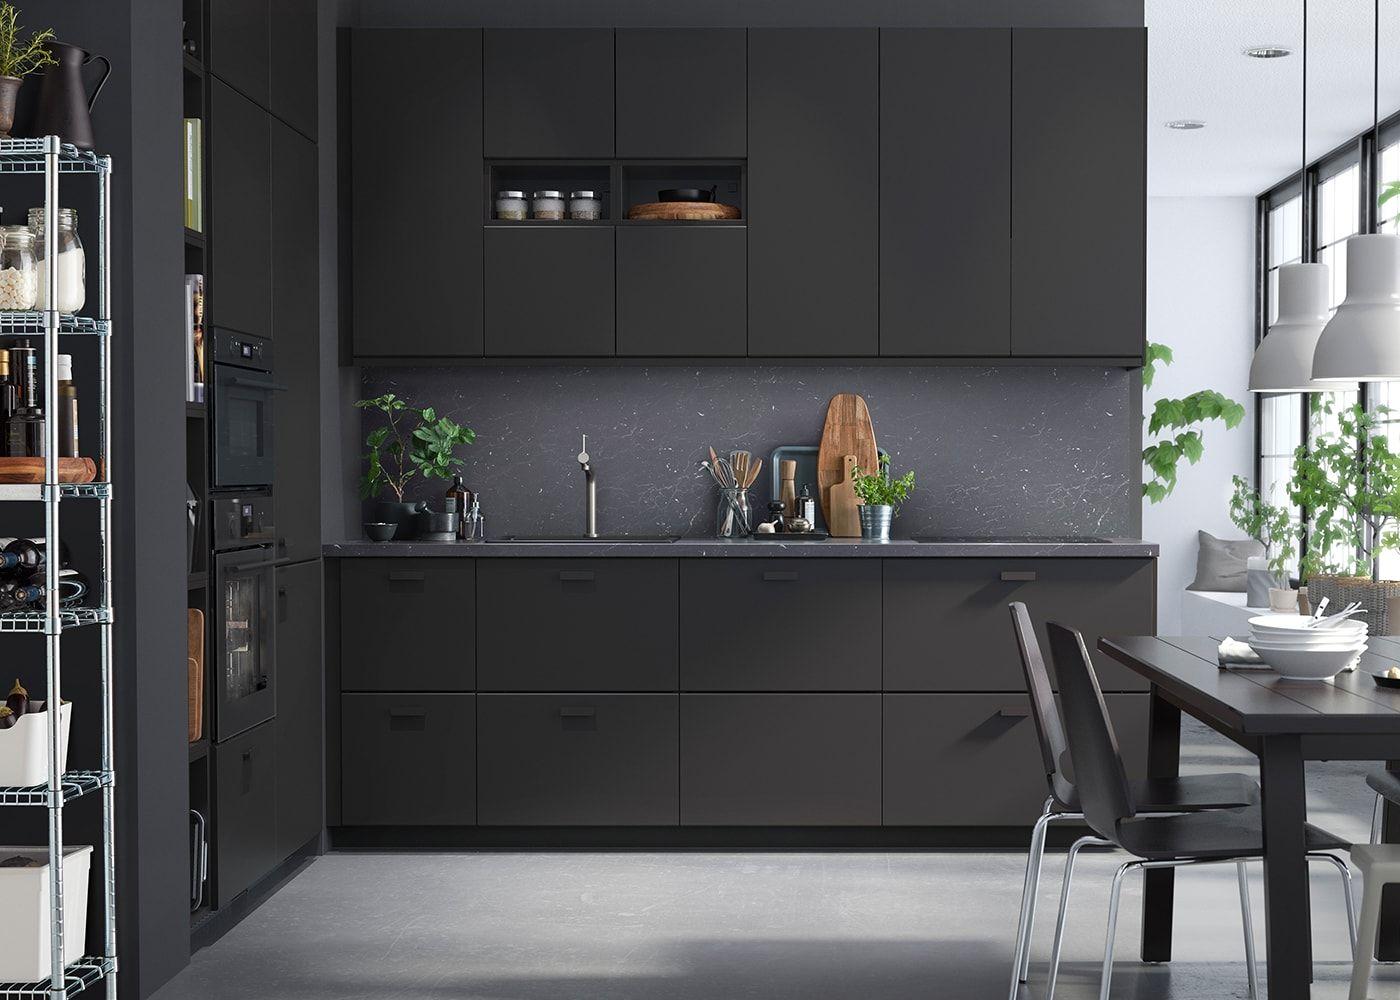 Full Size of Ikea Edelstahlküche Elegant Und Nachhaltig Kchenschrank Umgestalten Miniküche Modulküche Sofa Mit Schlaffunktion Küche Kaufen Betten 160x200 Kosten Bei Wohnzimmer Ikea Edelstahlküche